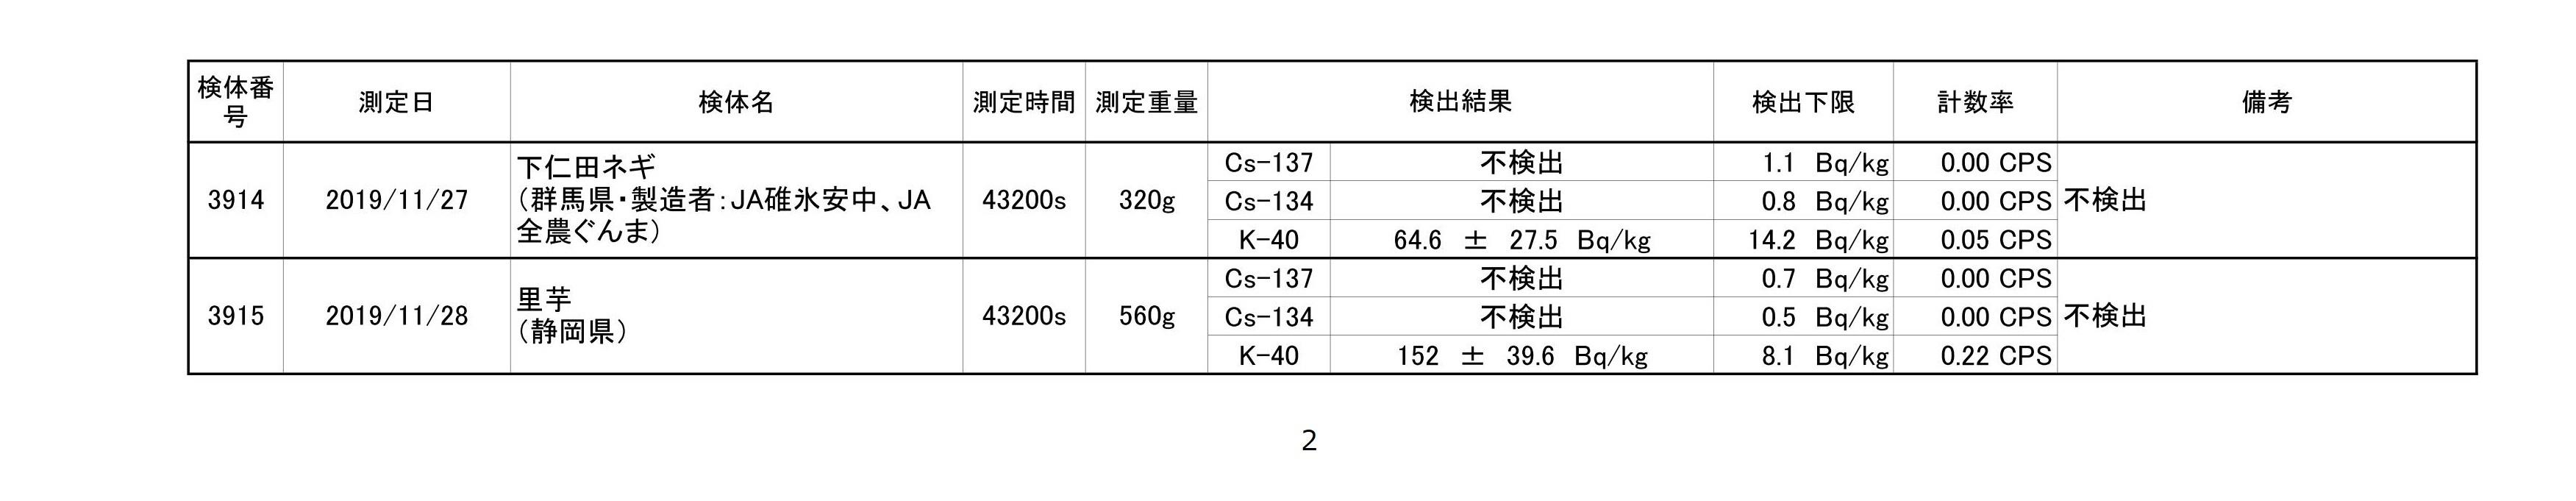 2019年11月測定結果一覧_02